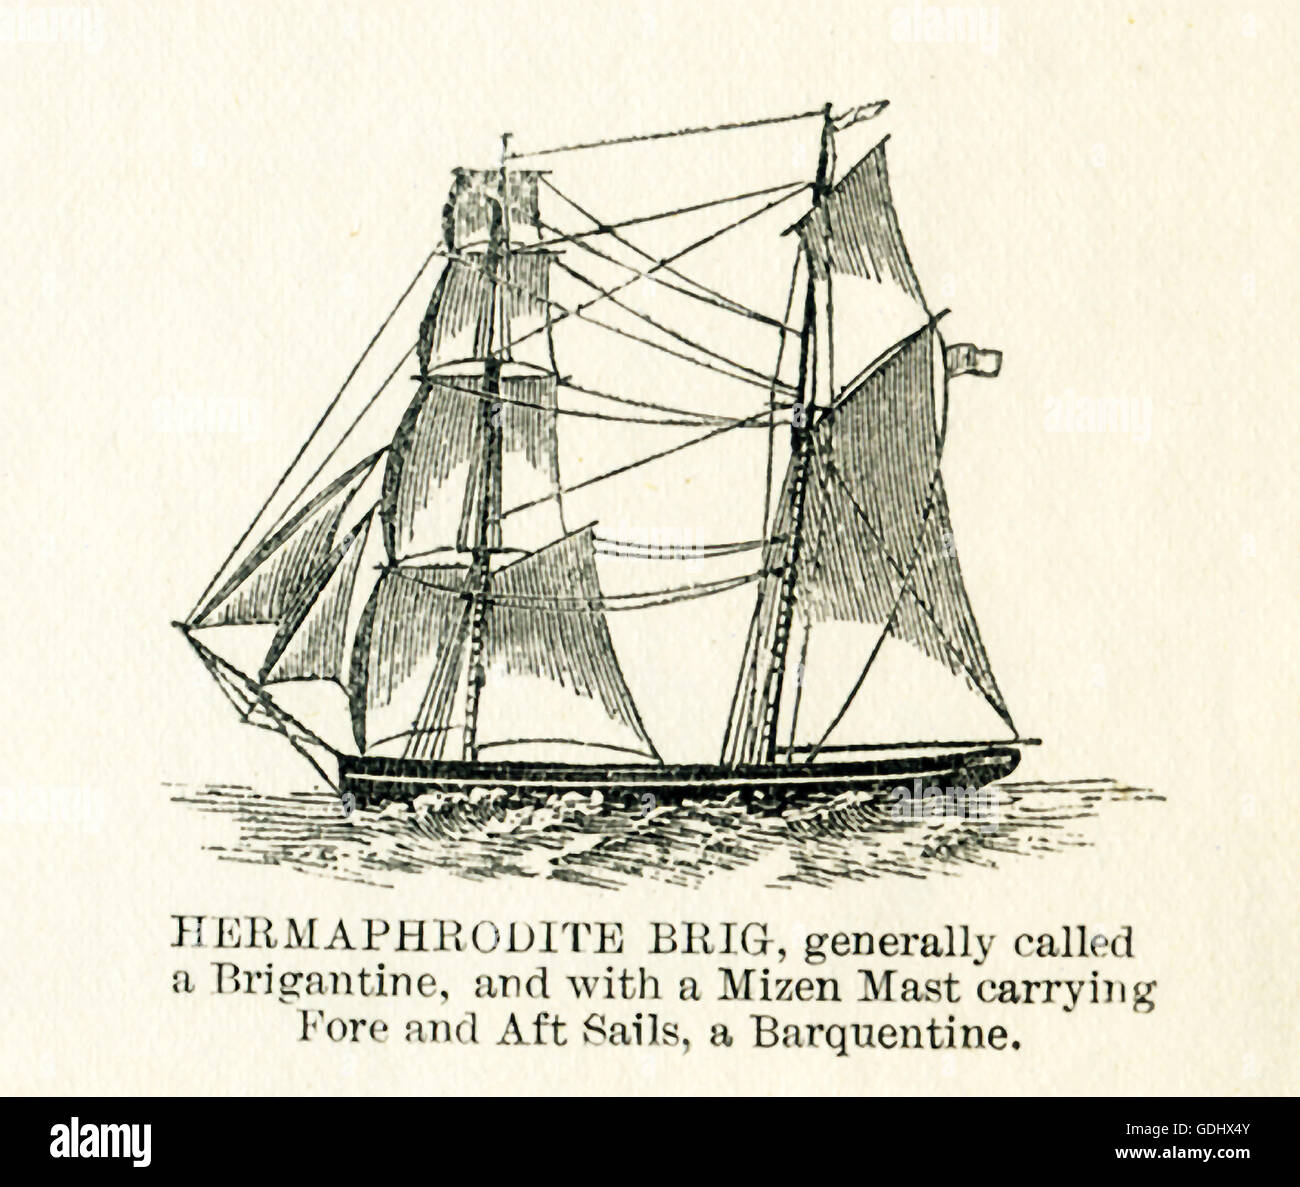 Le navire apparaissant dans ce 19e siècle dessin est un hermaphrodite brig. Photo Stock